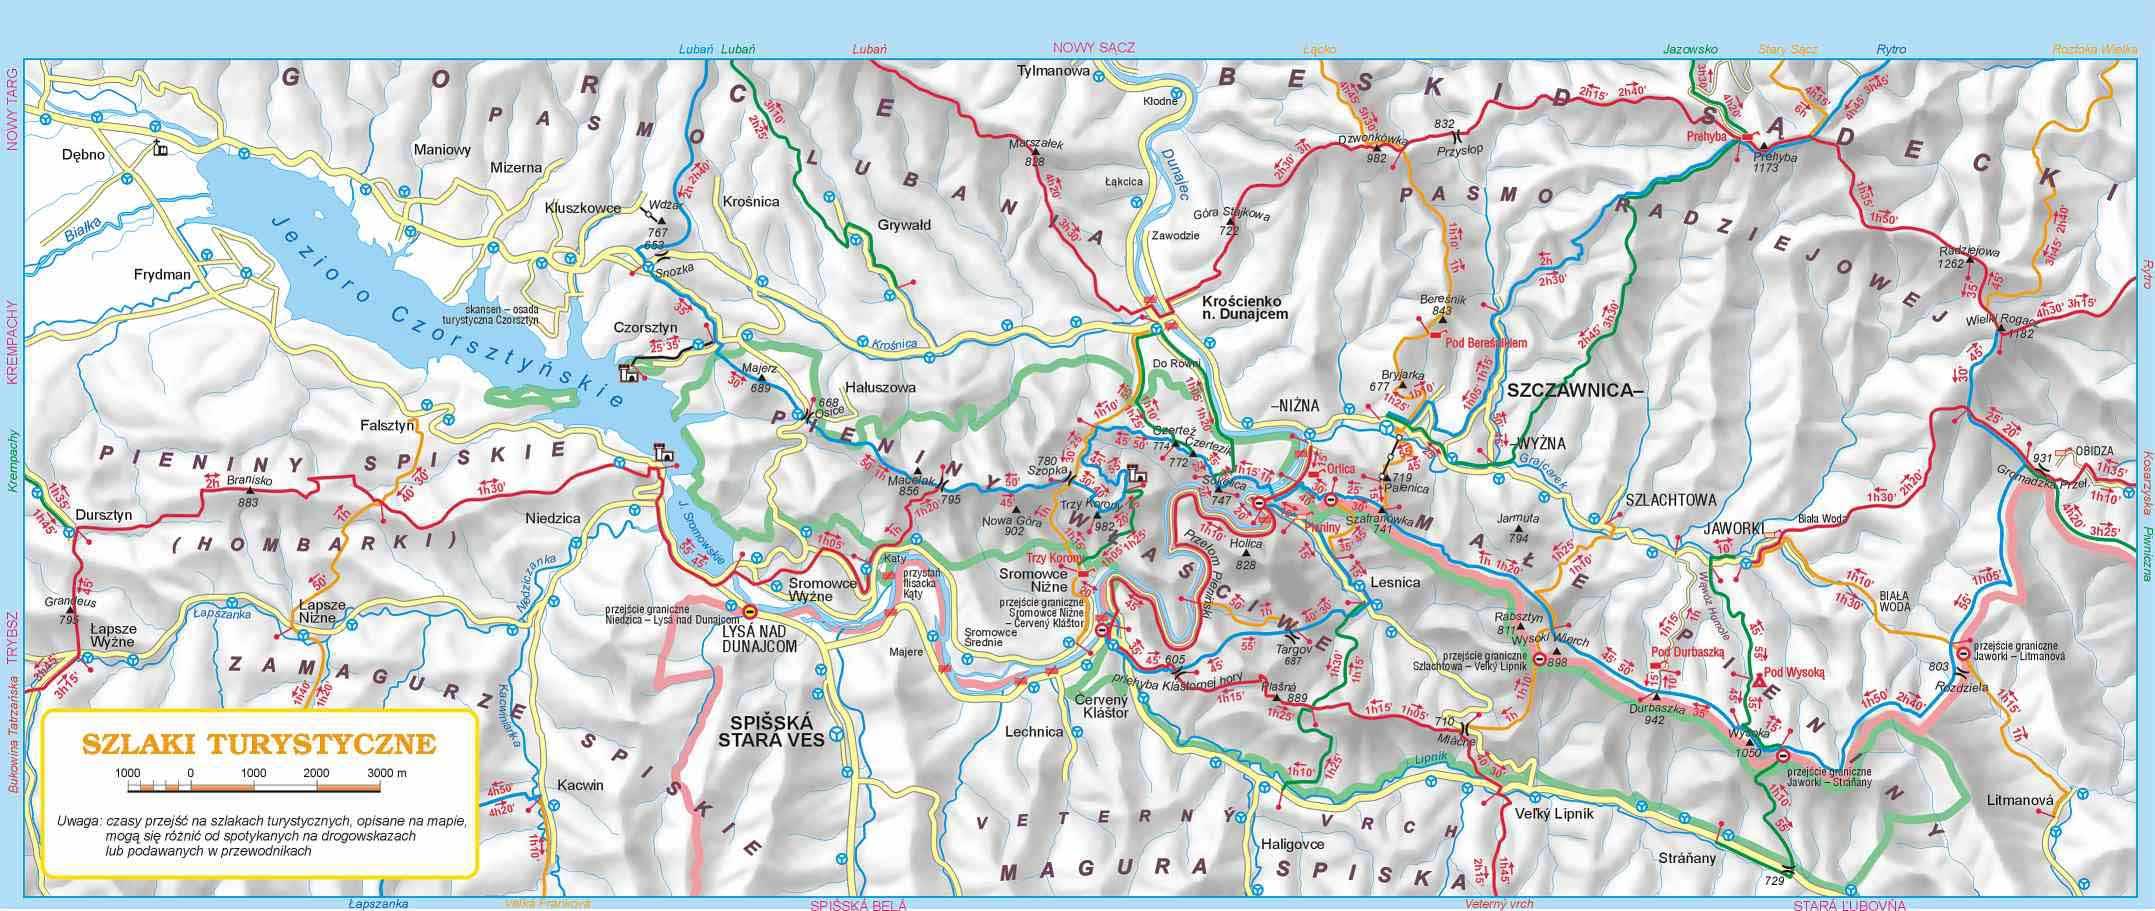 Mapy Gorskie Online